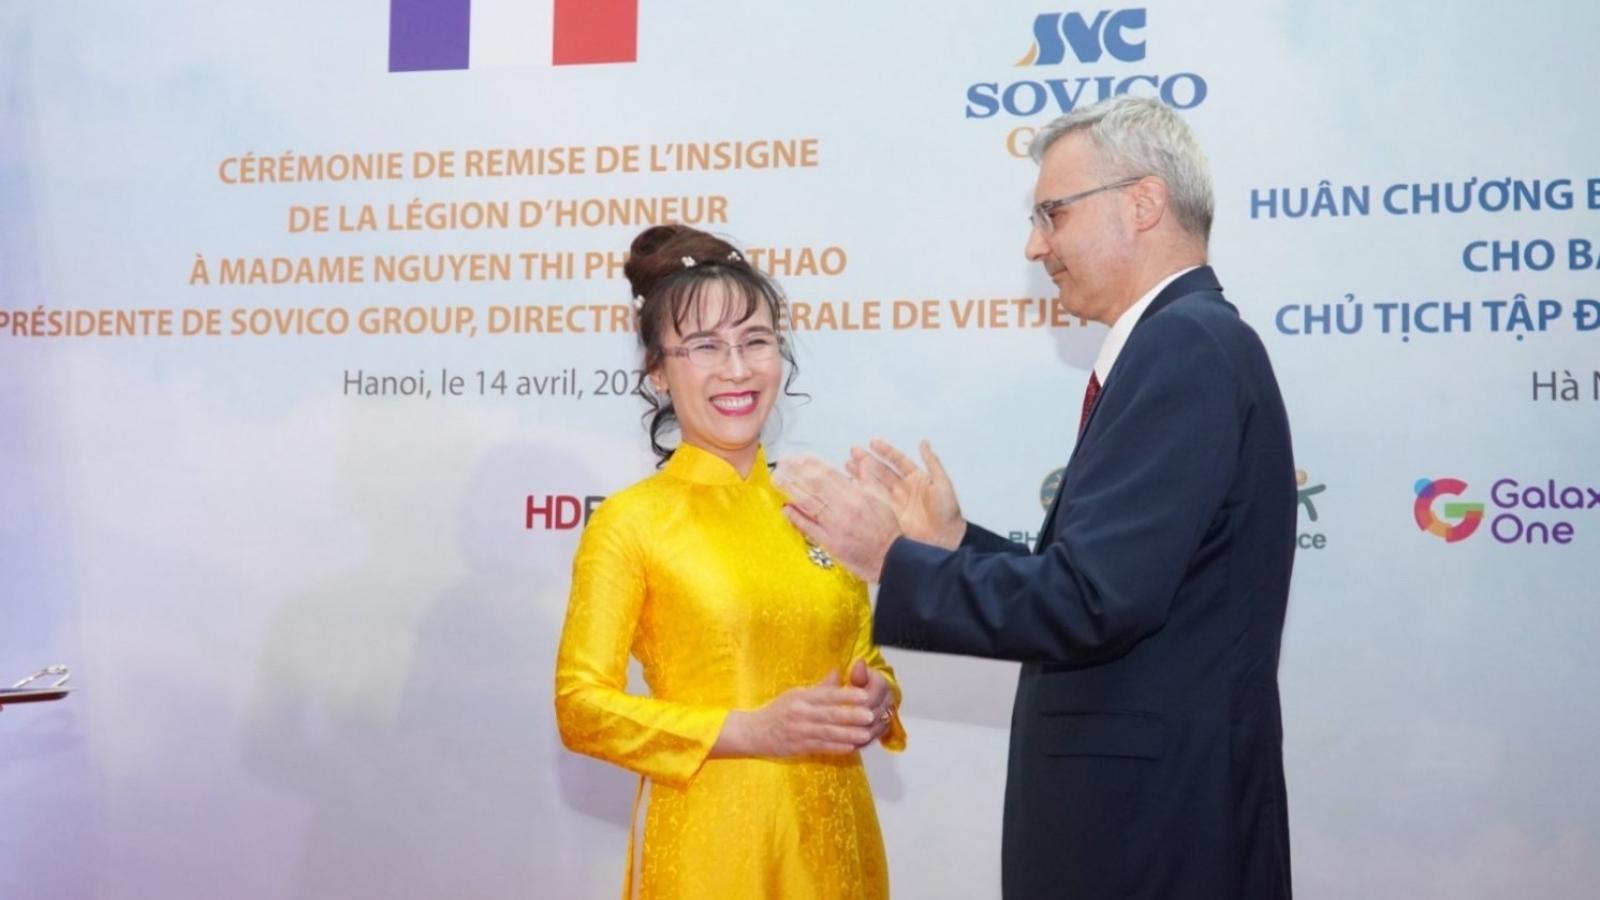 Tổng giám đốc Vietjet nhận Huân chương Bắc đẩu bội tinh của nhà nước Pháp trao tặng